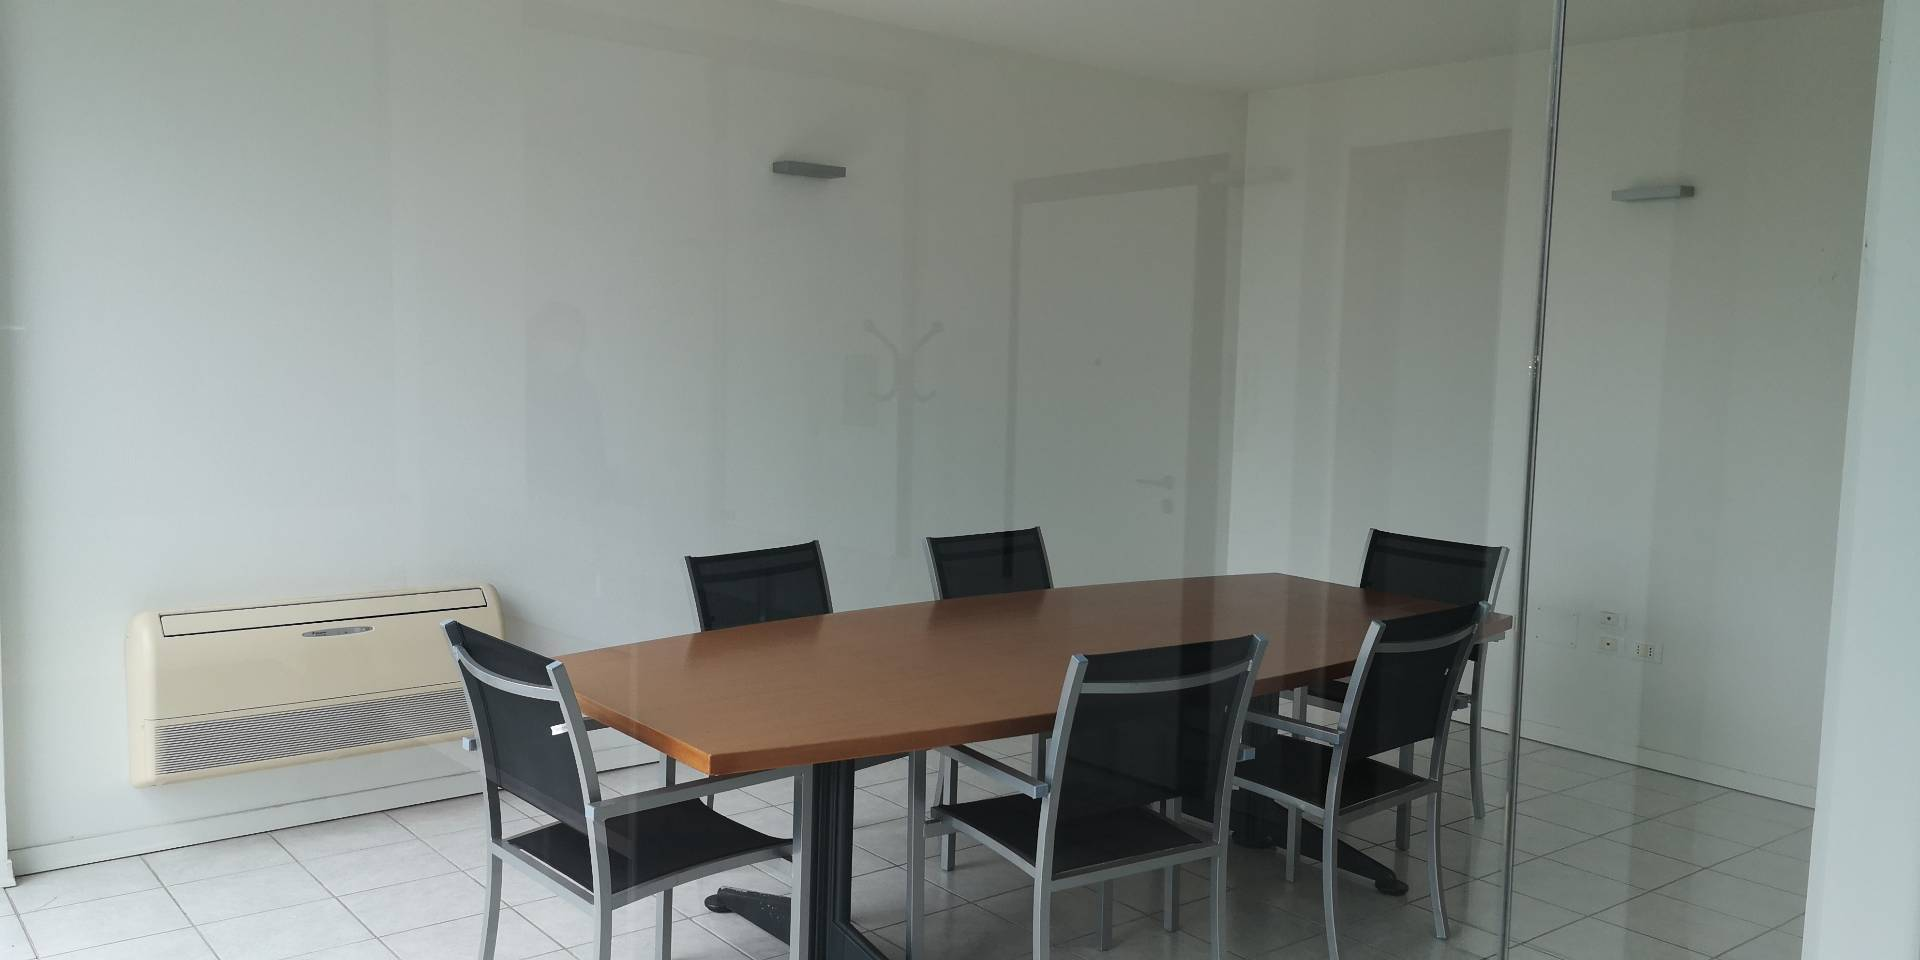 Ufficio / Studio in affitto a Ravenna, 9999 locali, zona Zona: Darsena, prezzo € 650 | CambioCasa.it